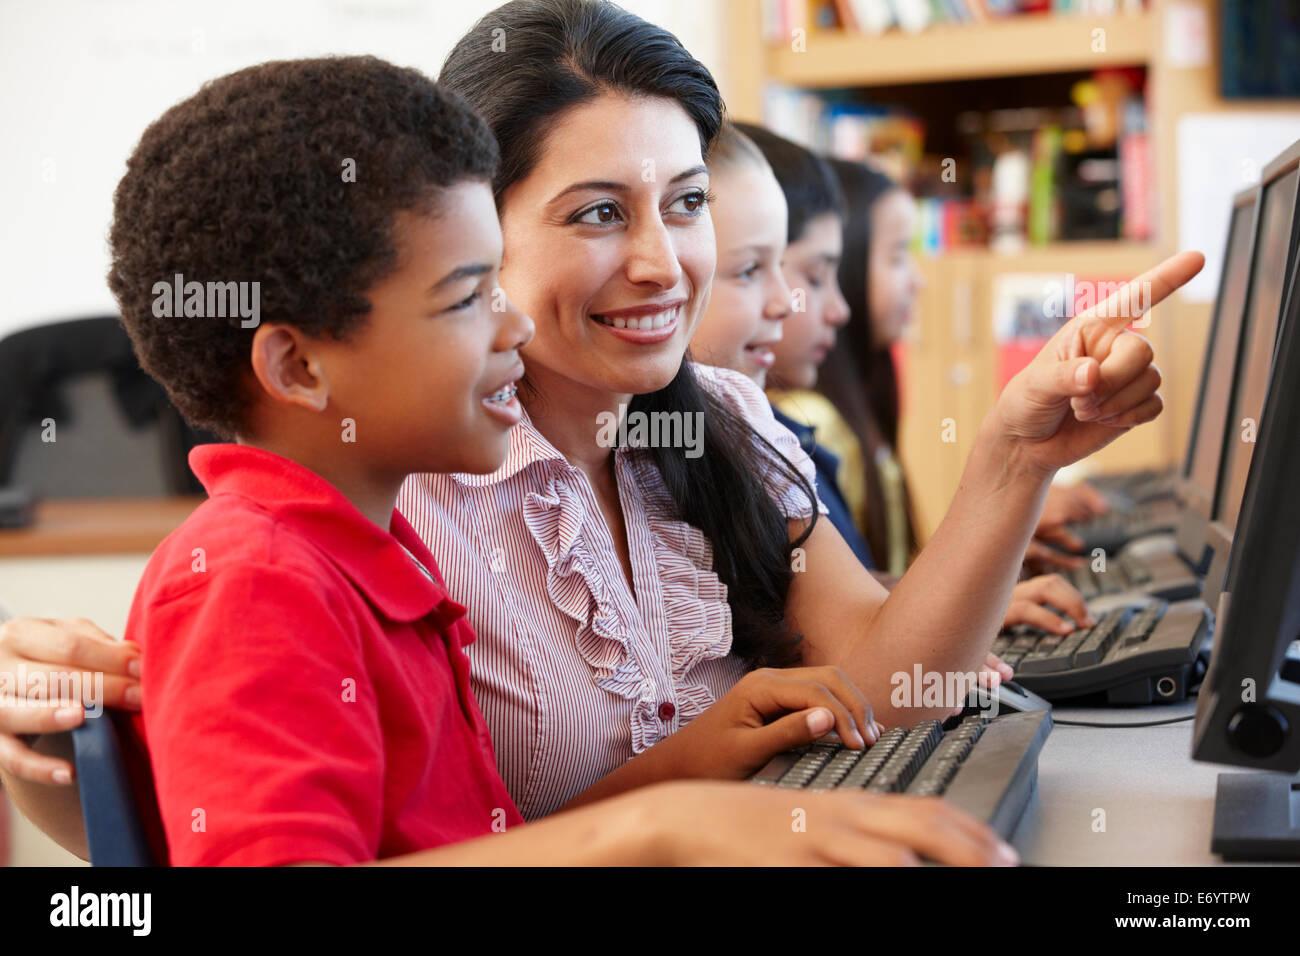 Lehrer und Schüler in der Klasse Stockfotografie - Alamy